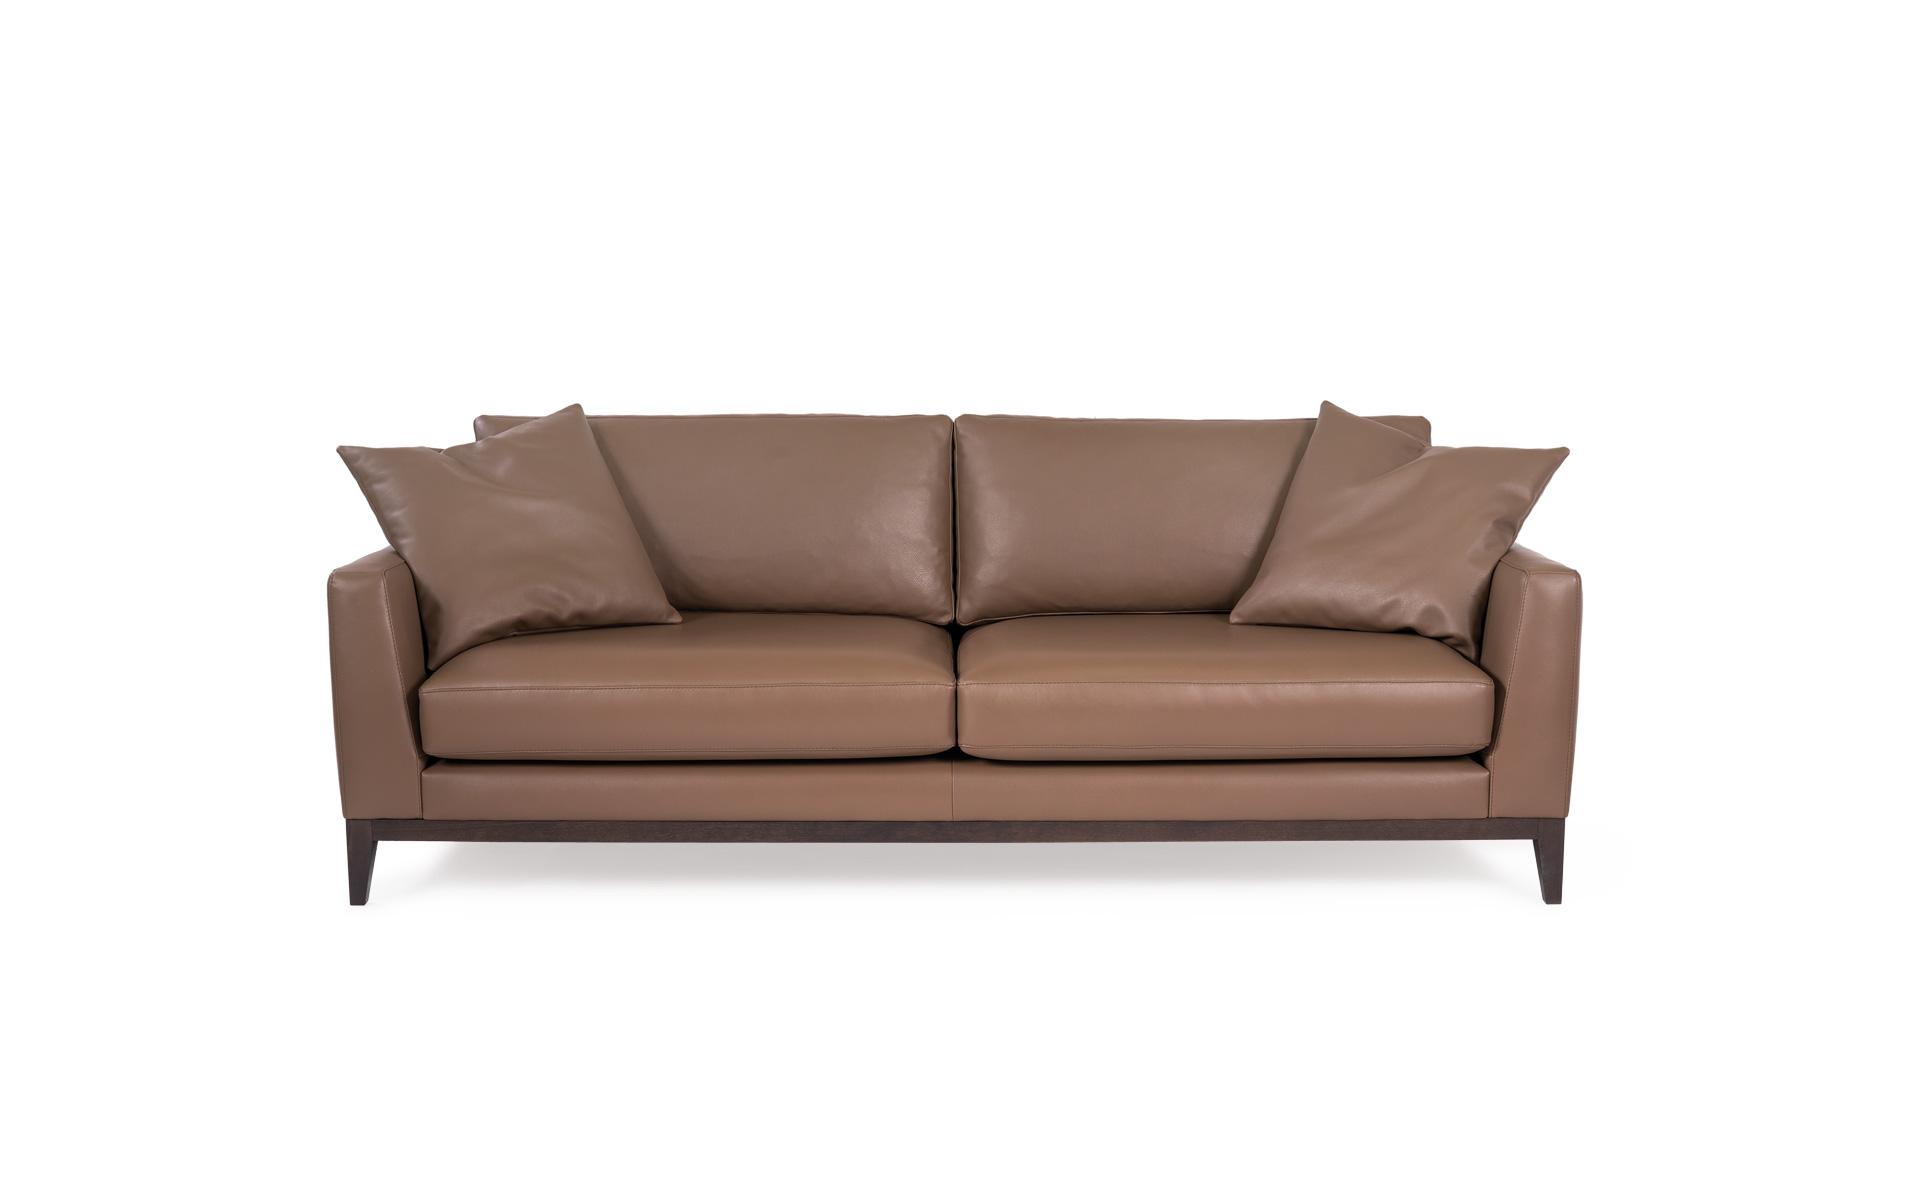 m meuble canape canap residence de ralph m raphaele meubles